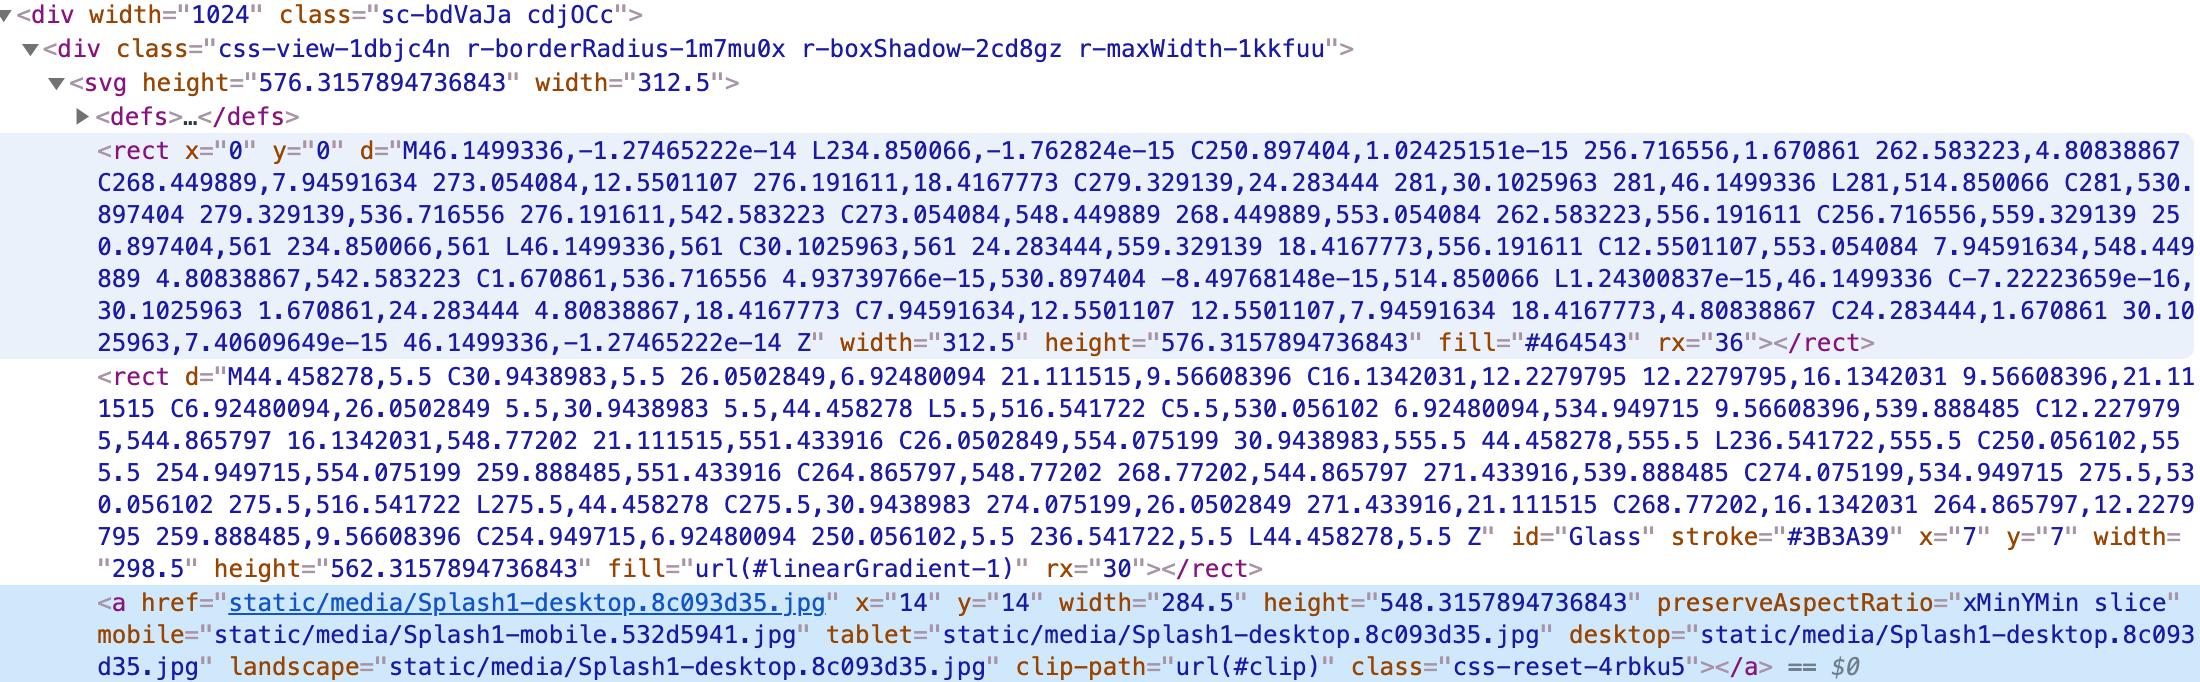 Screenshot 2021-03-23 at 15 36 33